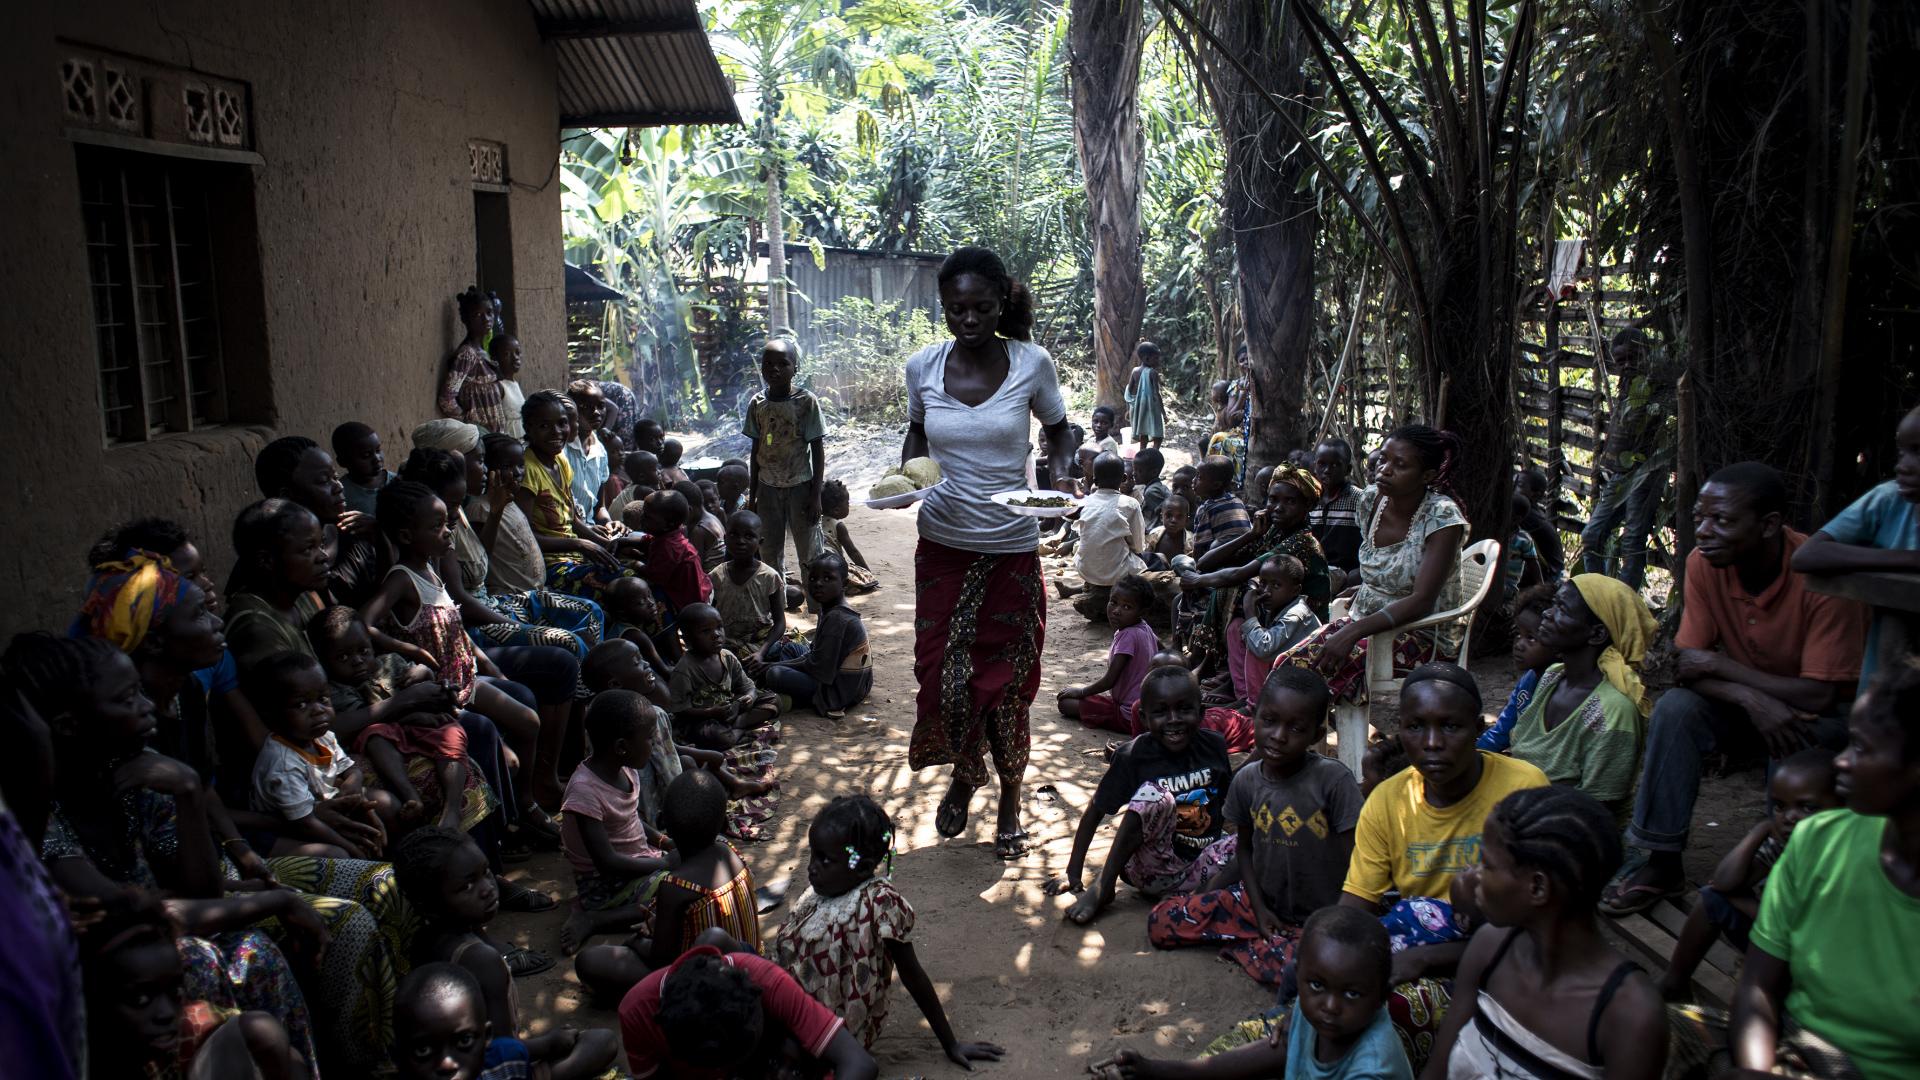 Las fuerzas rebeldes de Kamwina Nsapu fueron acusadas de reclutar niños soldados